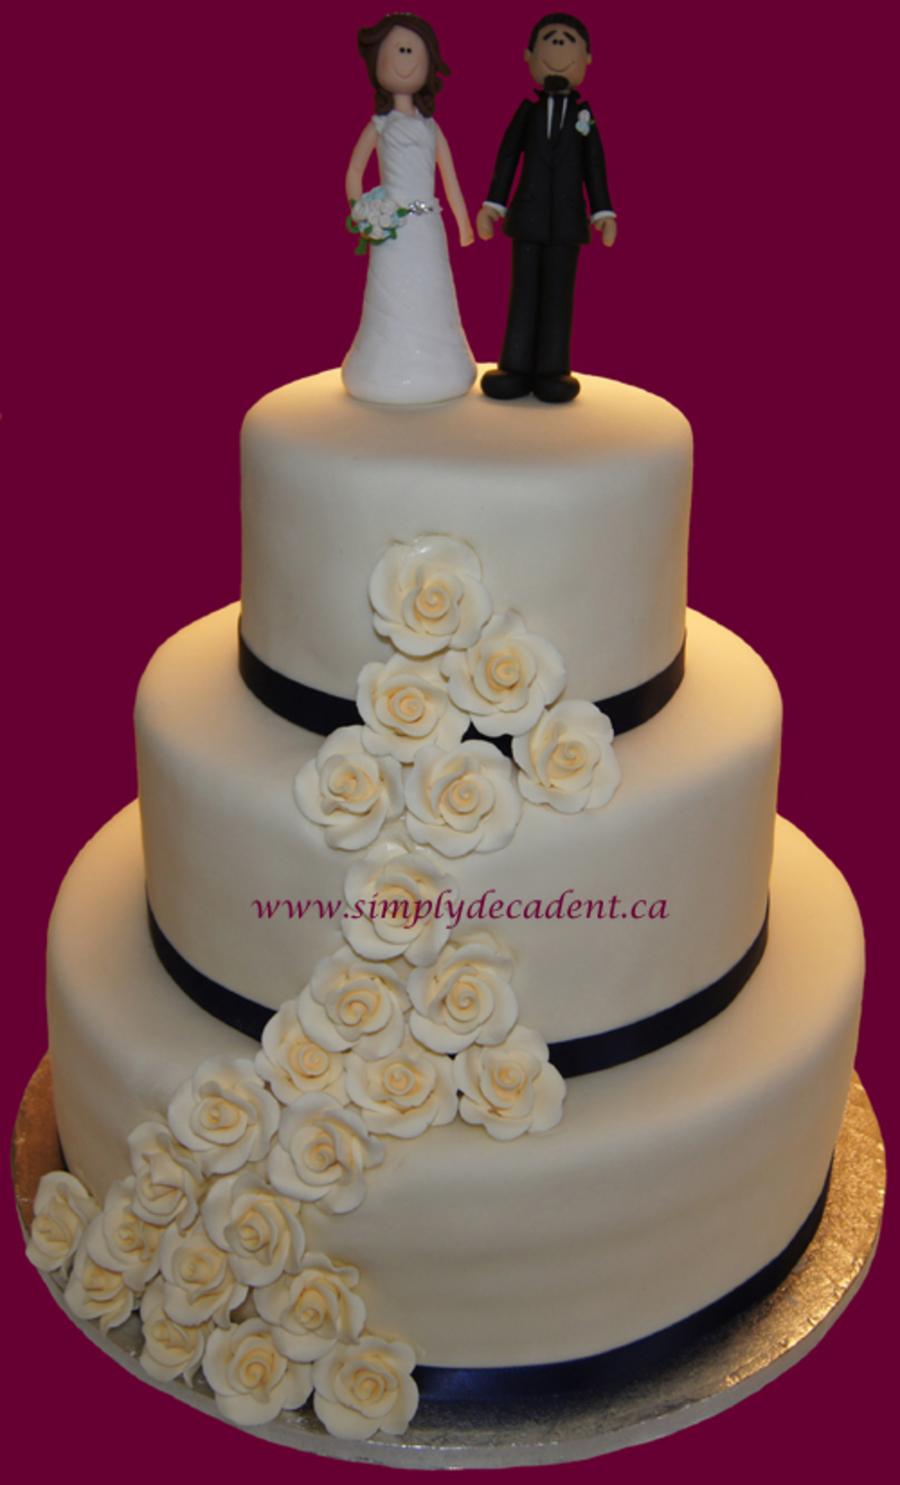 Ivory Fondant Cake